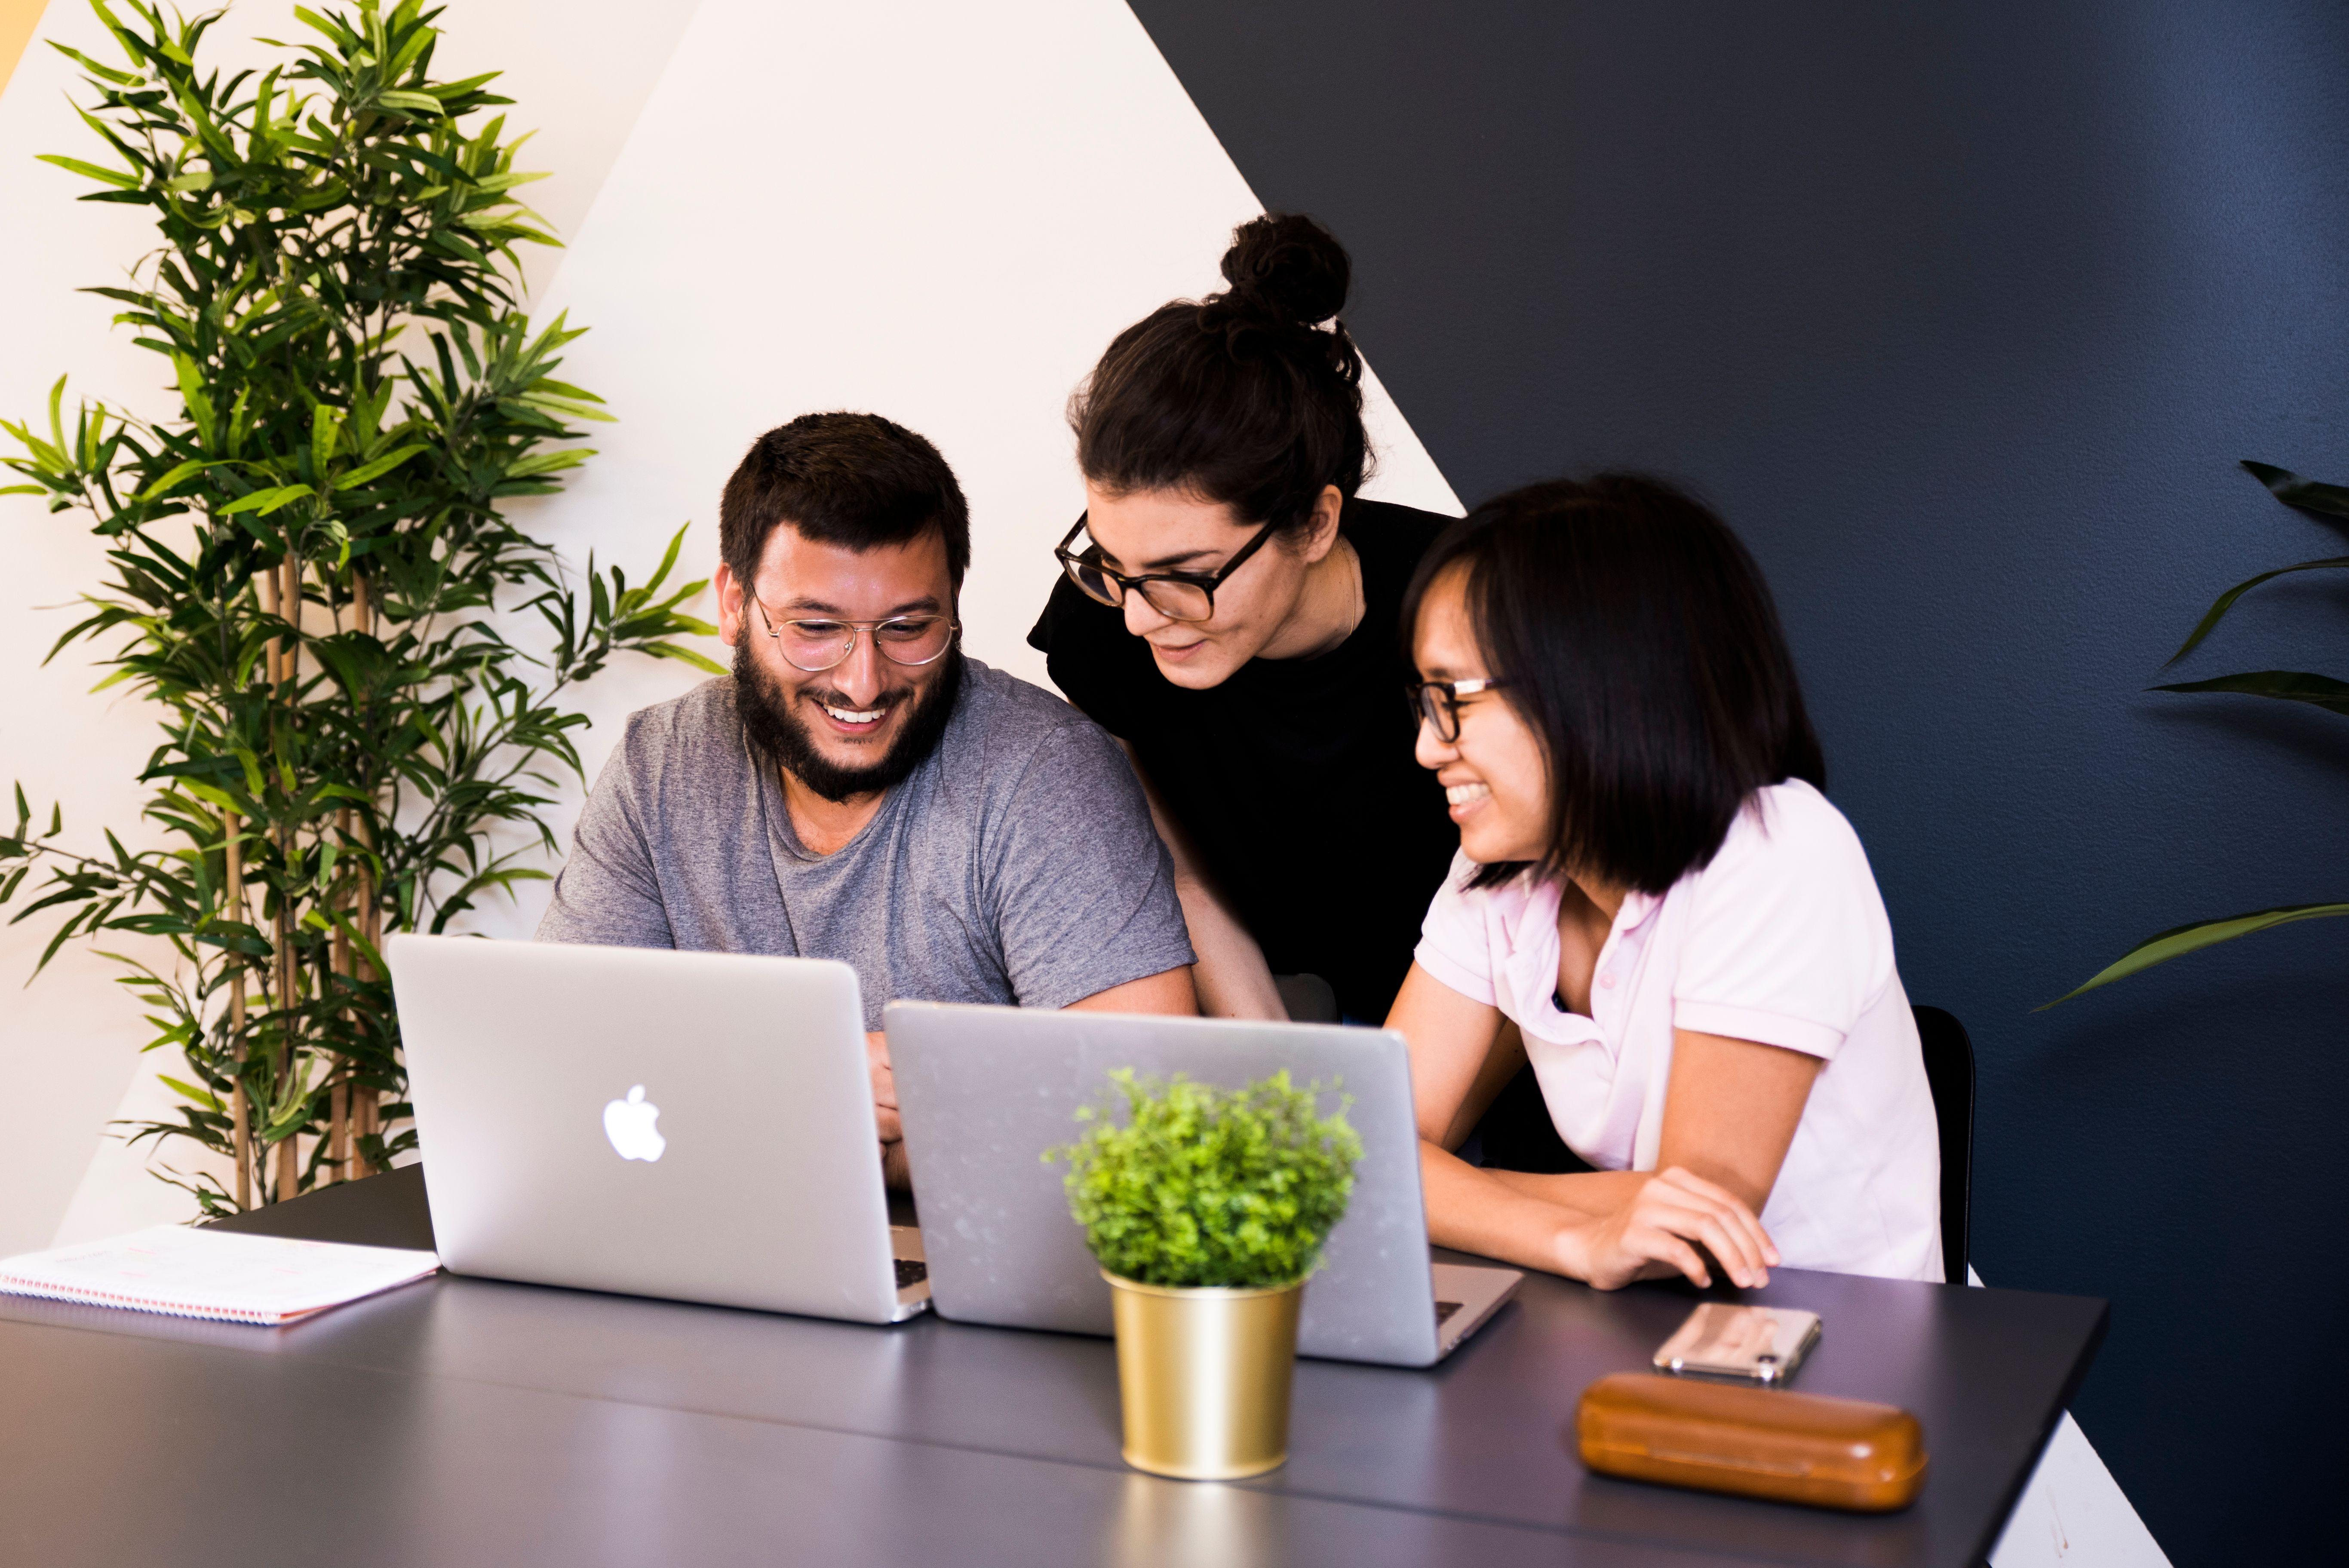 Suivre une formation développeur web cours du soir en parallèle de sa vie professionnelle